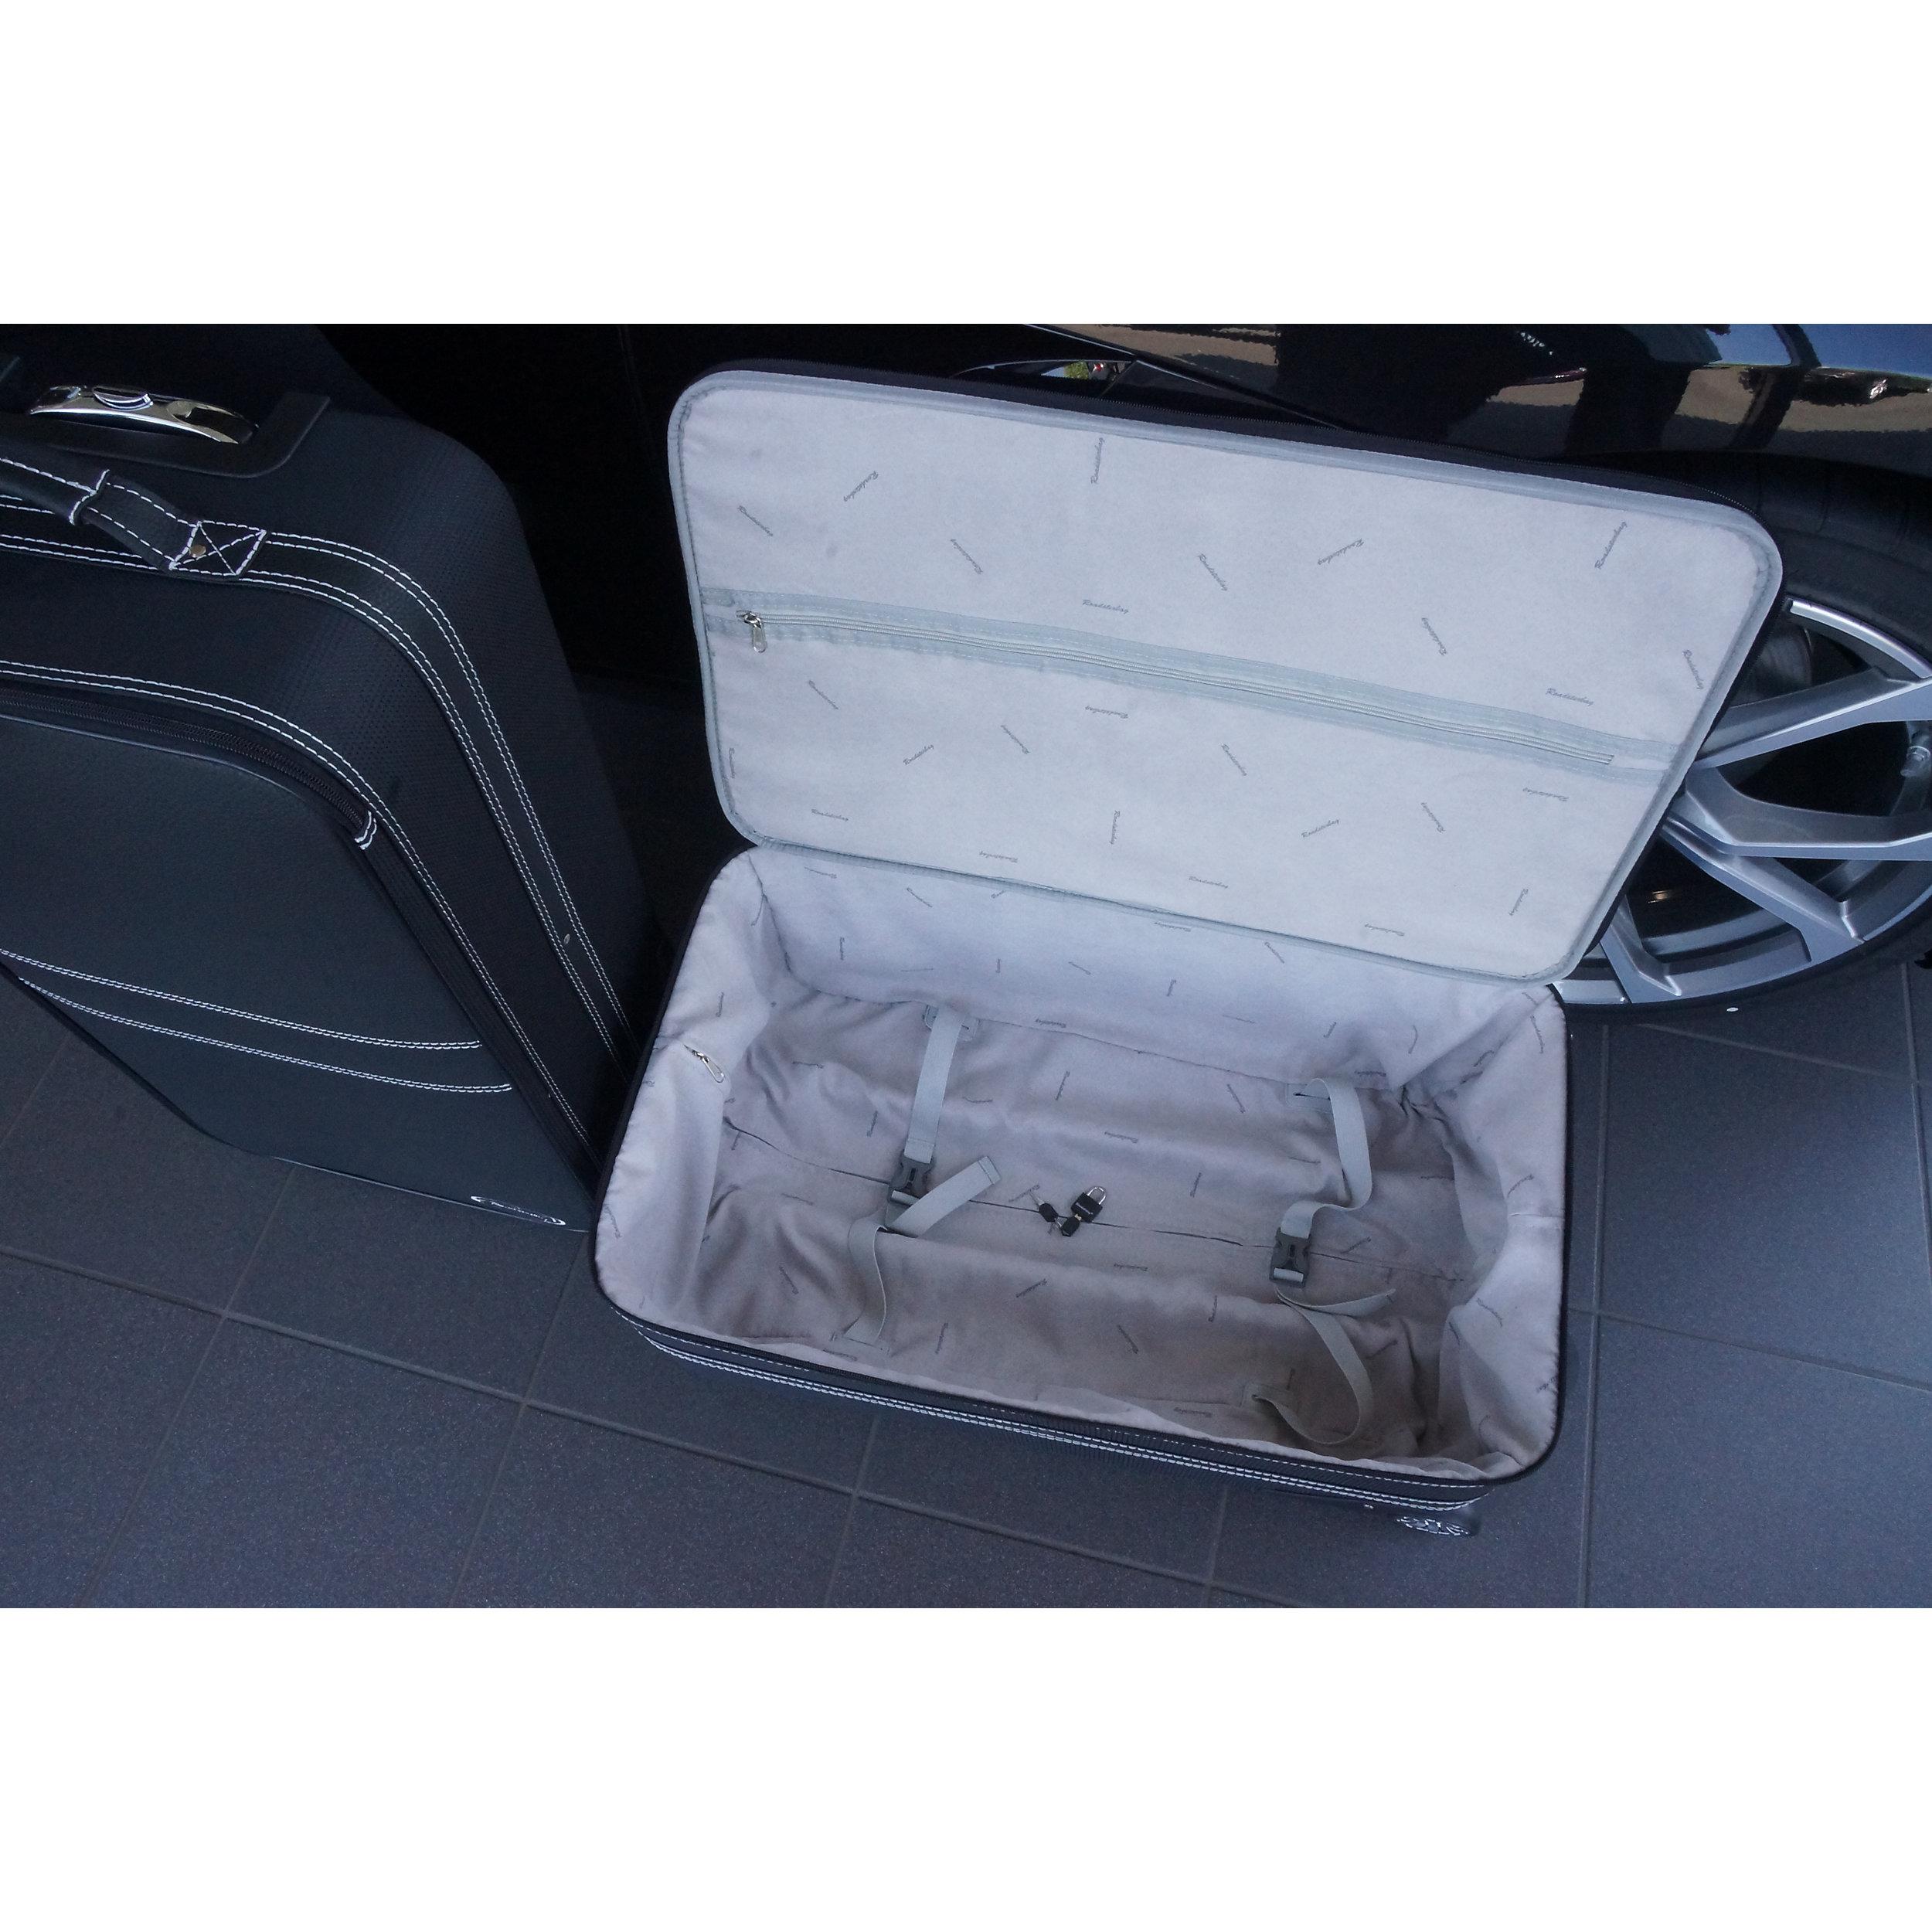 4-tlg. Kofferset mit 2 Rollen BMW Z4 (G29) 180 Liter